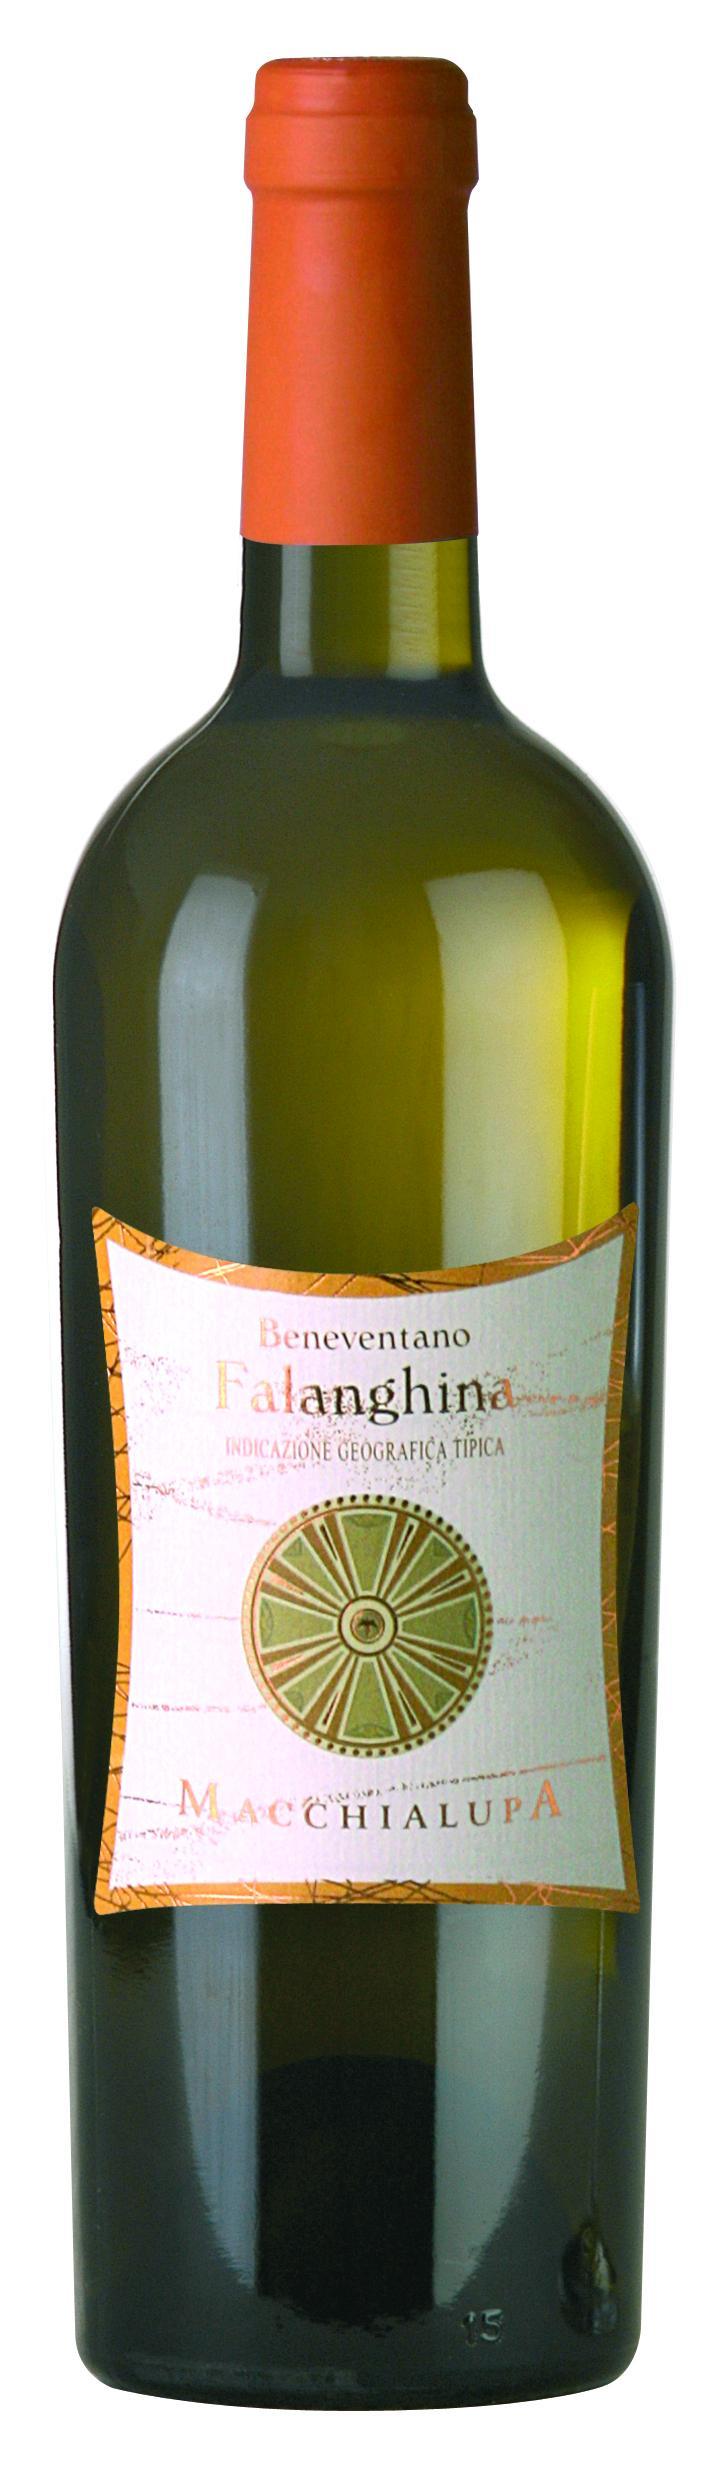 Beneventana Falanghina IGT